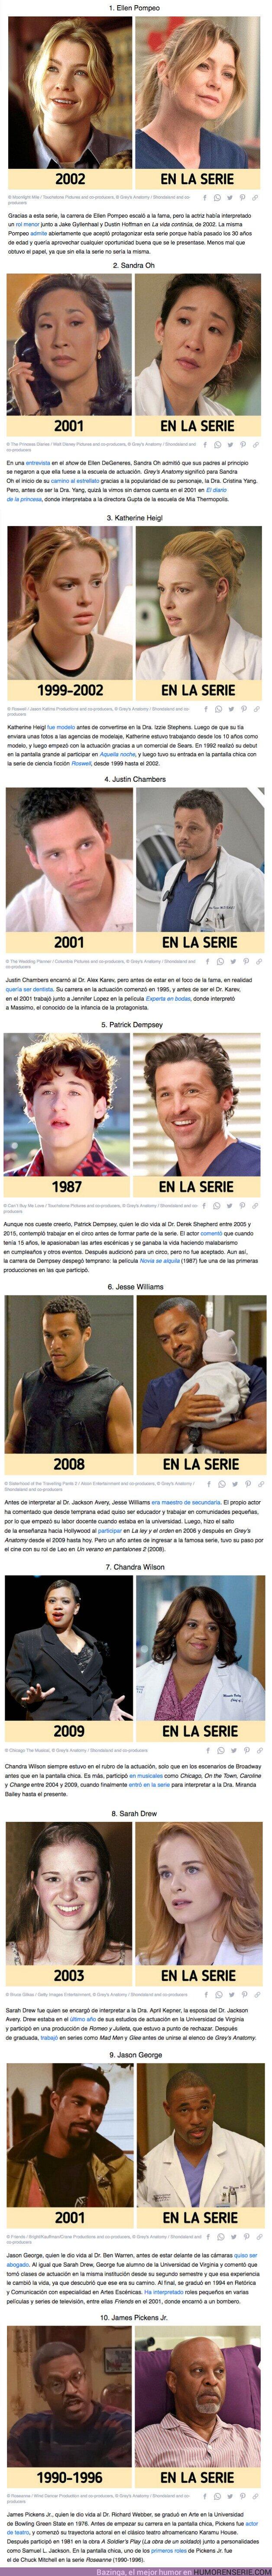 """70176 - GALERÍA: Qué hacían 10 actores de """"Grey's Anatomy"""" antes de lanzarse al estrellato con la serie"""